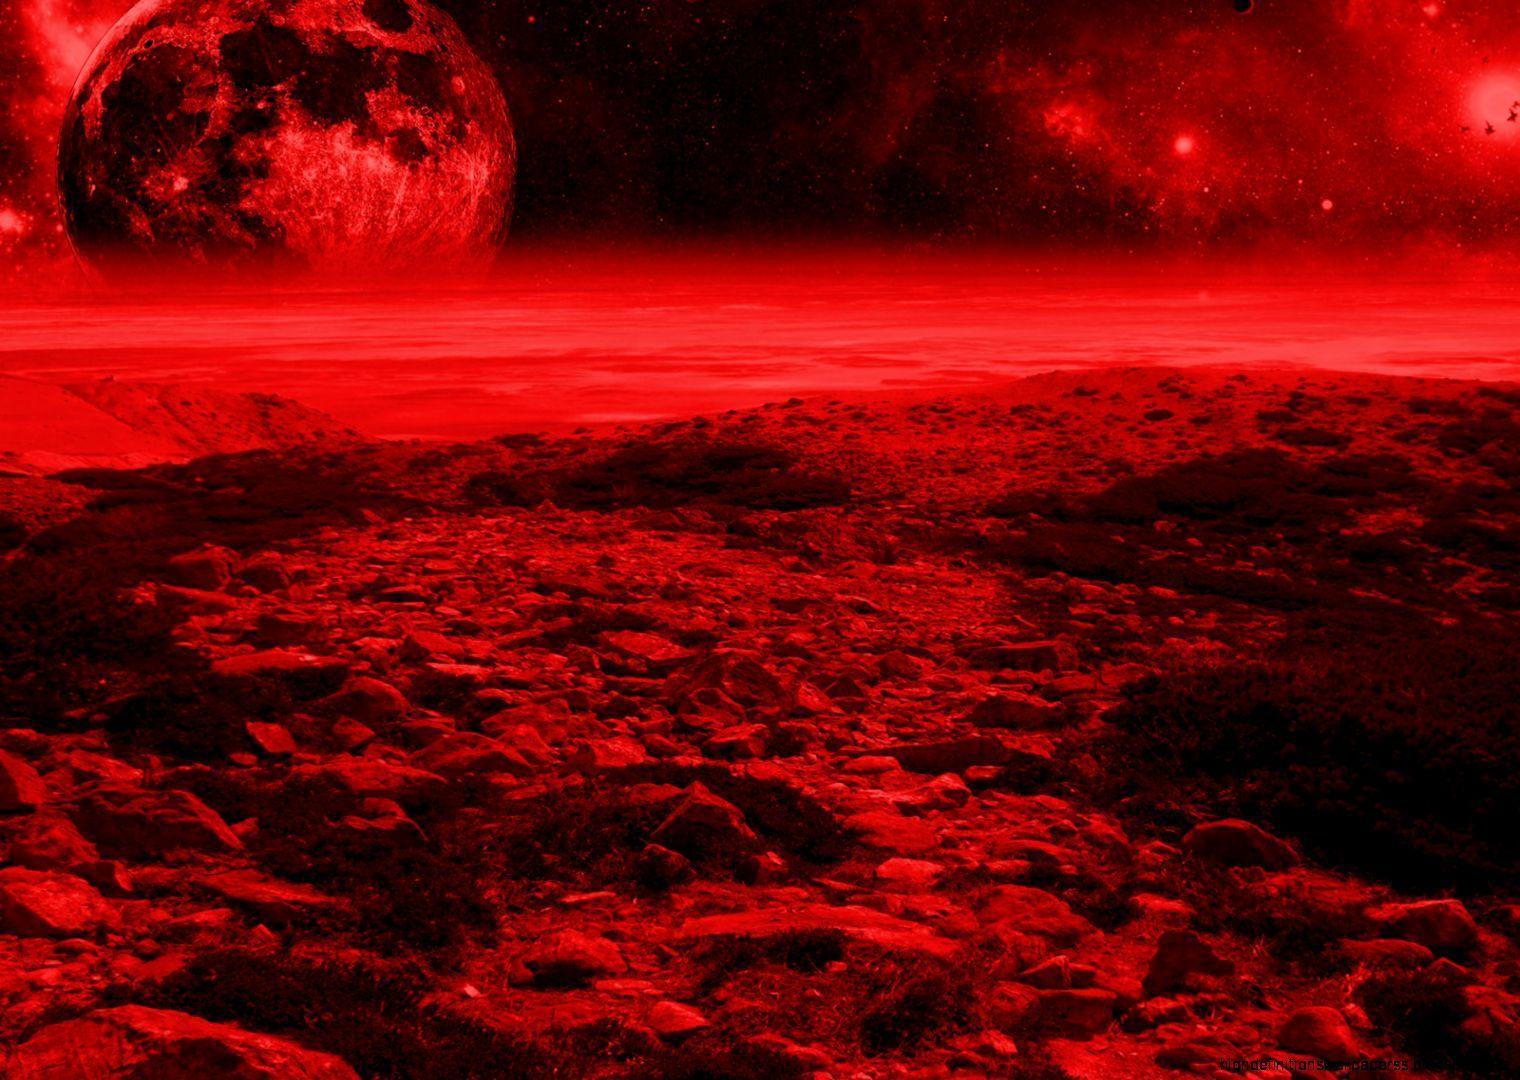 планета красная картинки нового предлагают